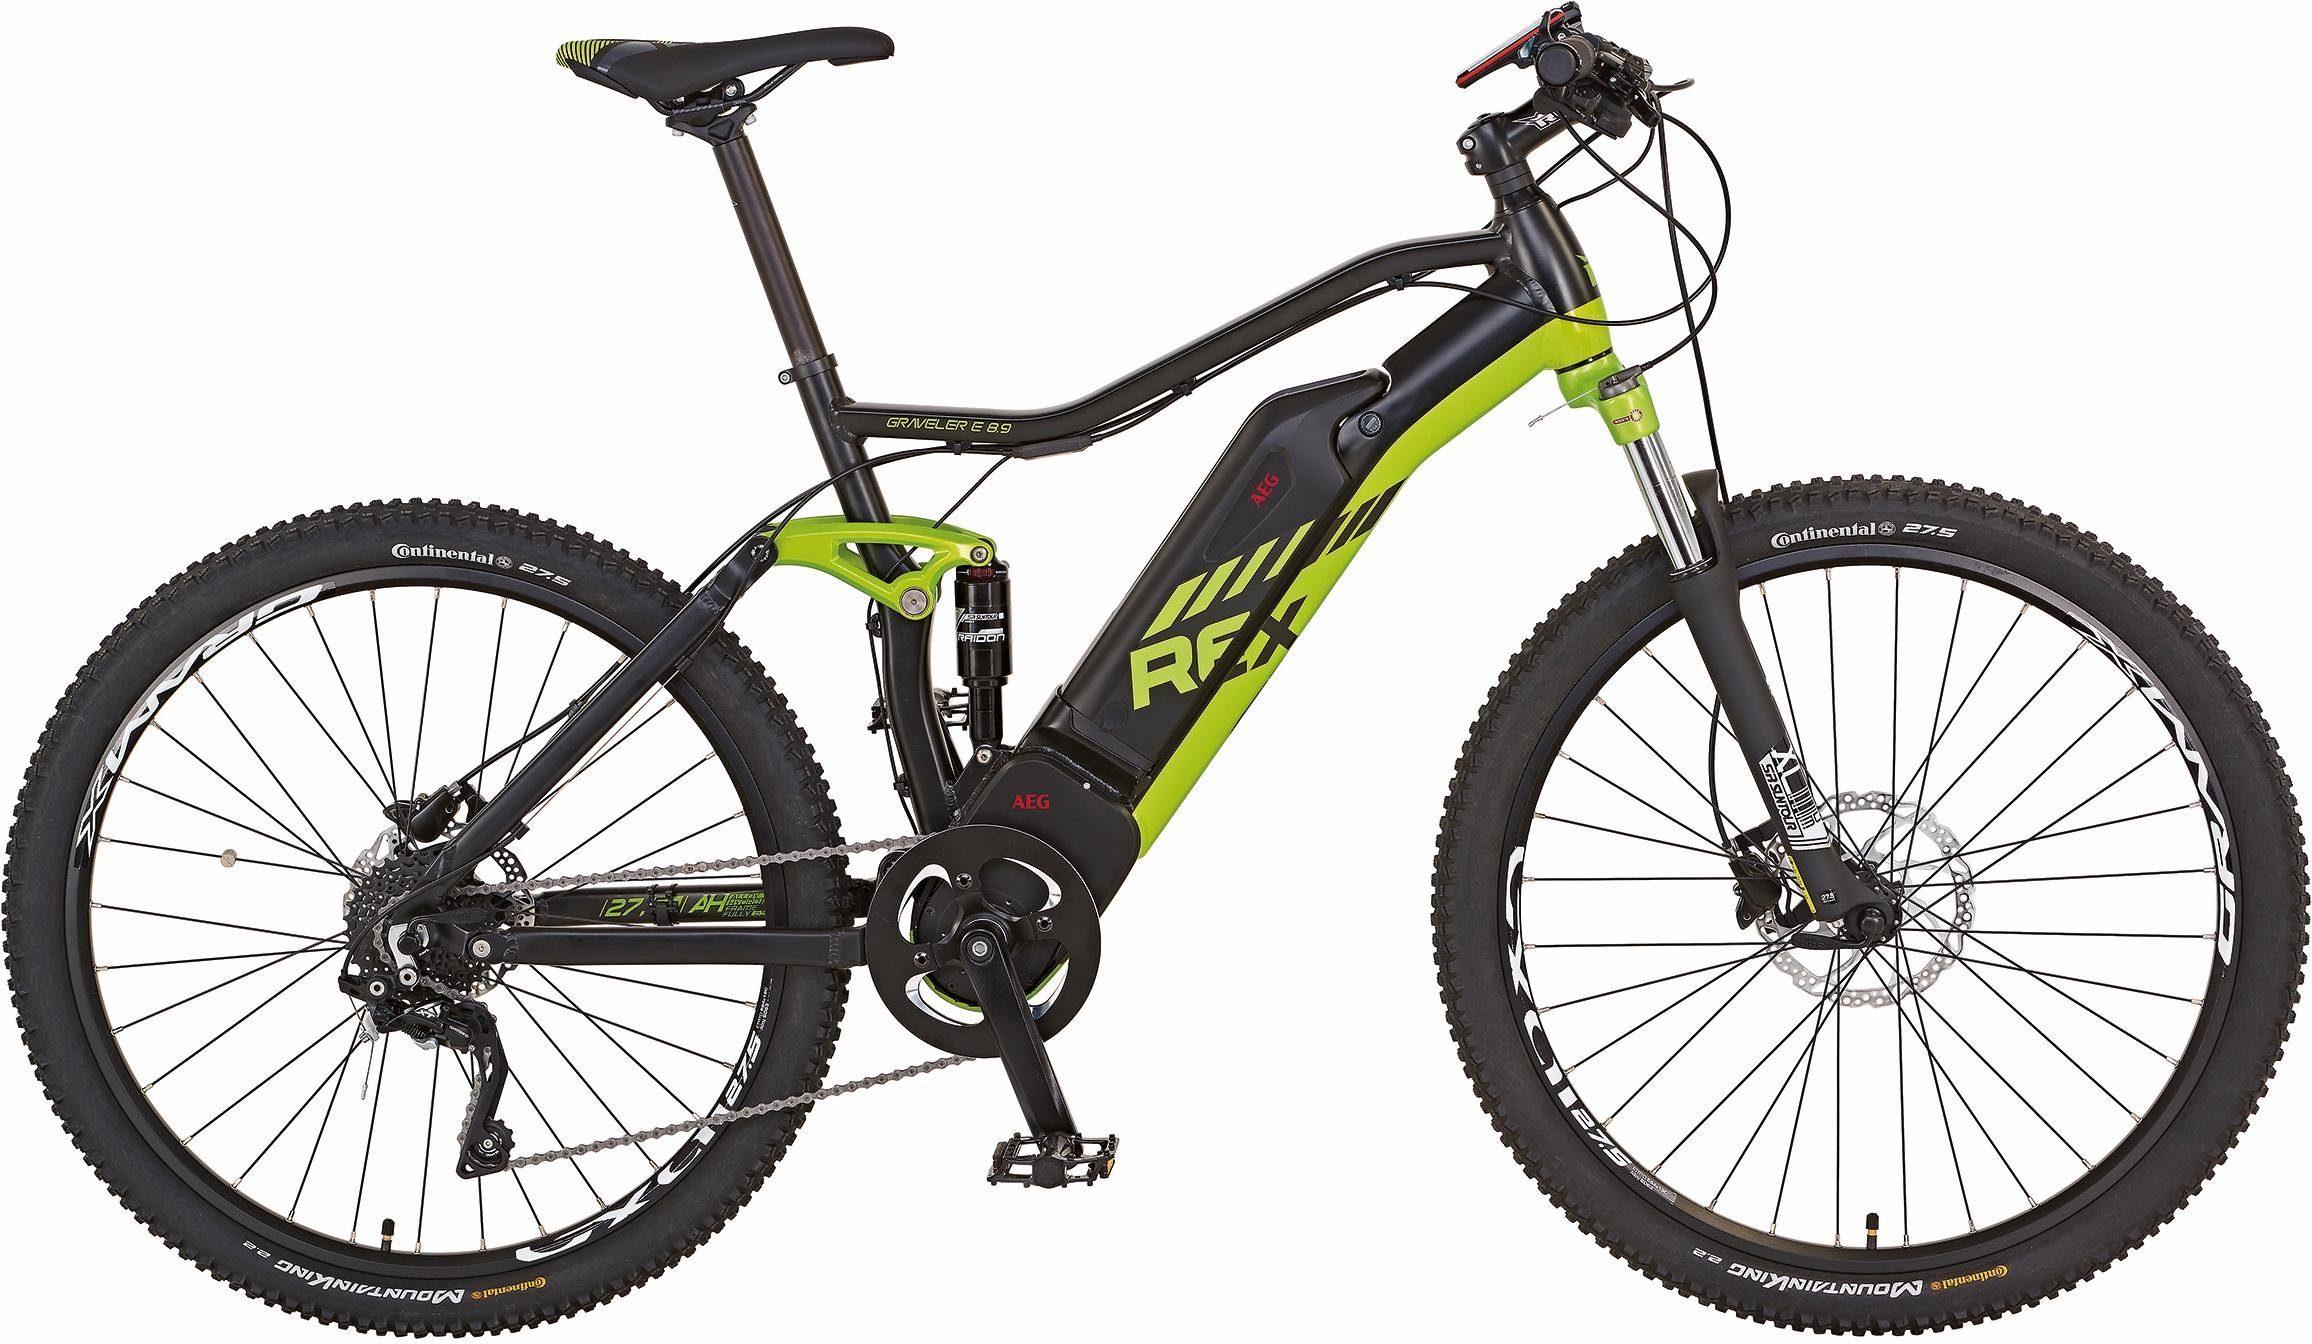 REX Fully MTB E-Bike, Mittelmotor 48V/250W, 27,5 Zoll, 10 Gang Shimano XT, »Graveler e 8.9«